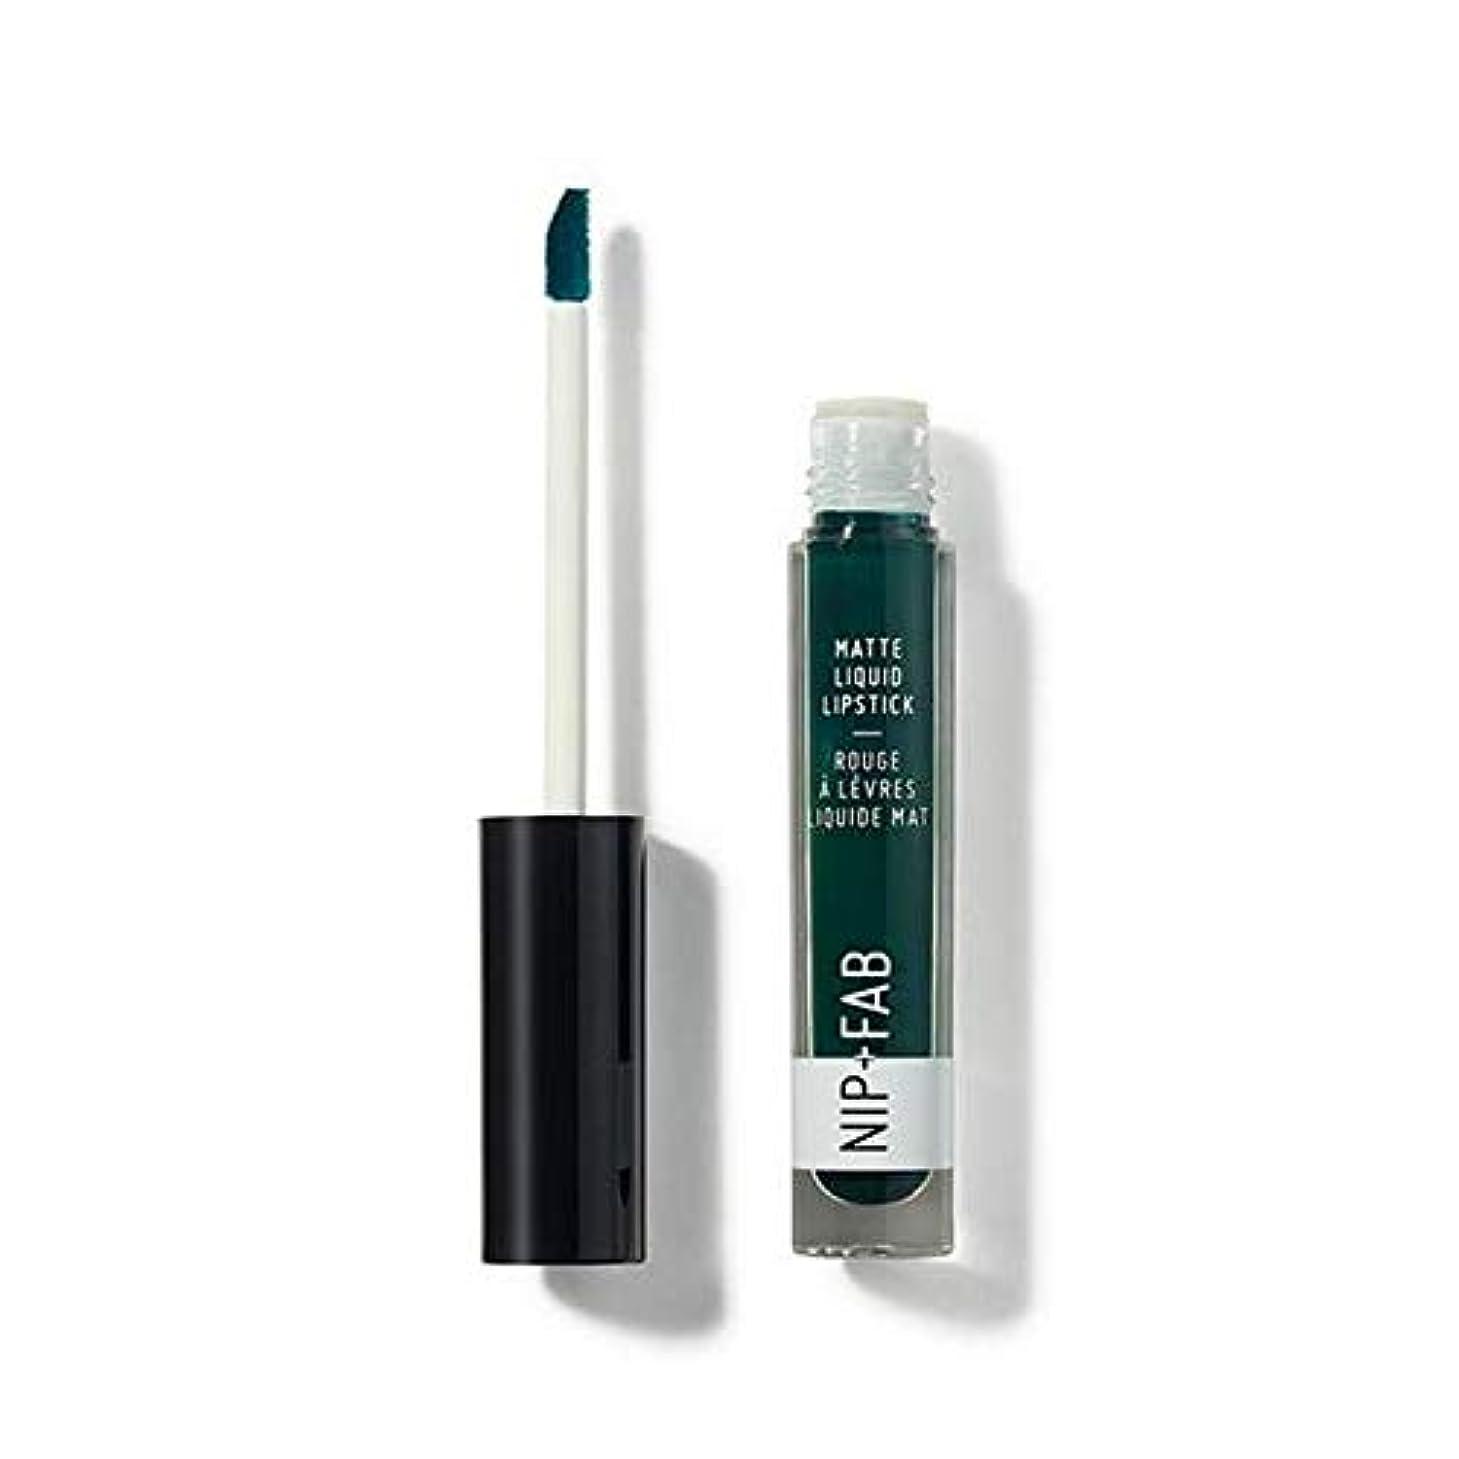 参照する飲み込む留め金[Nip & Fab ] + Fabマット液状口紅クールミント65ニップ - Nip+Fab Matte Liquid Lipstick Cool Mint 65 [並行輸入品]